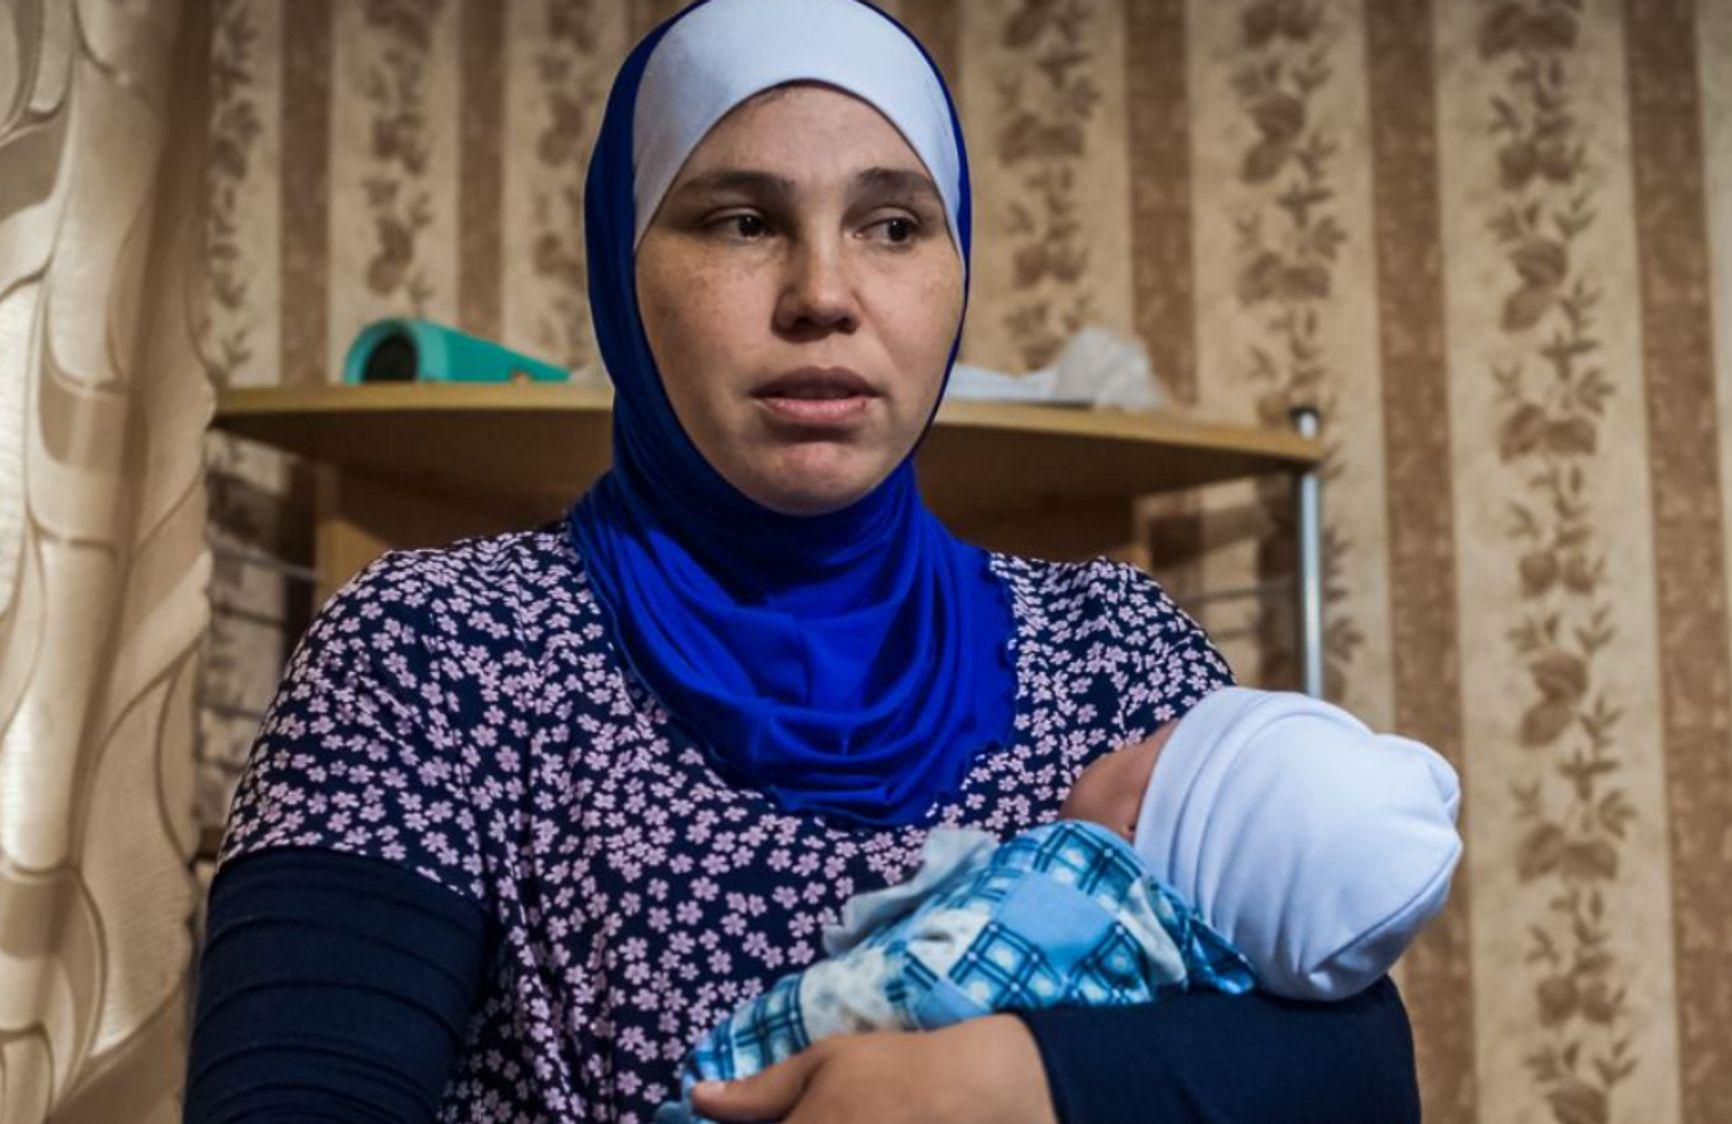 Диляра с новорожденным сыном Амиром. Фото с сайта «Крым.Реалии»